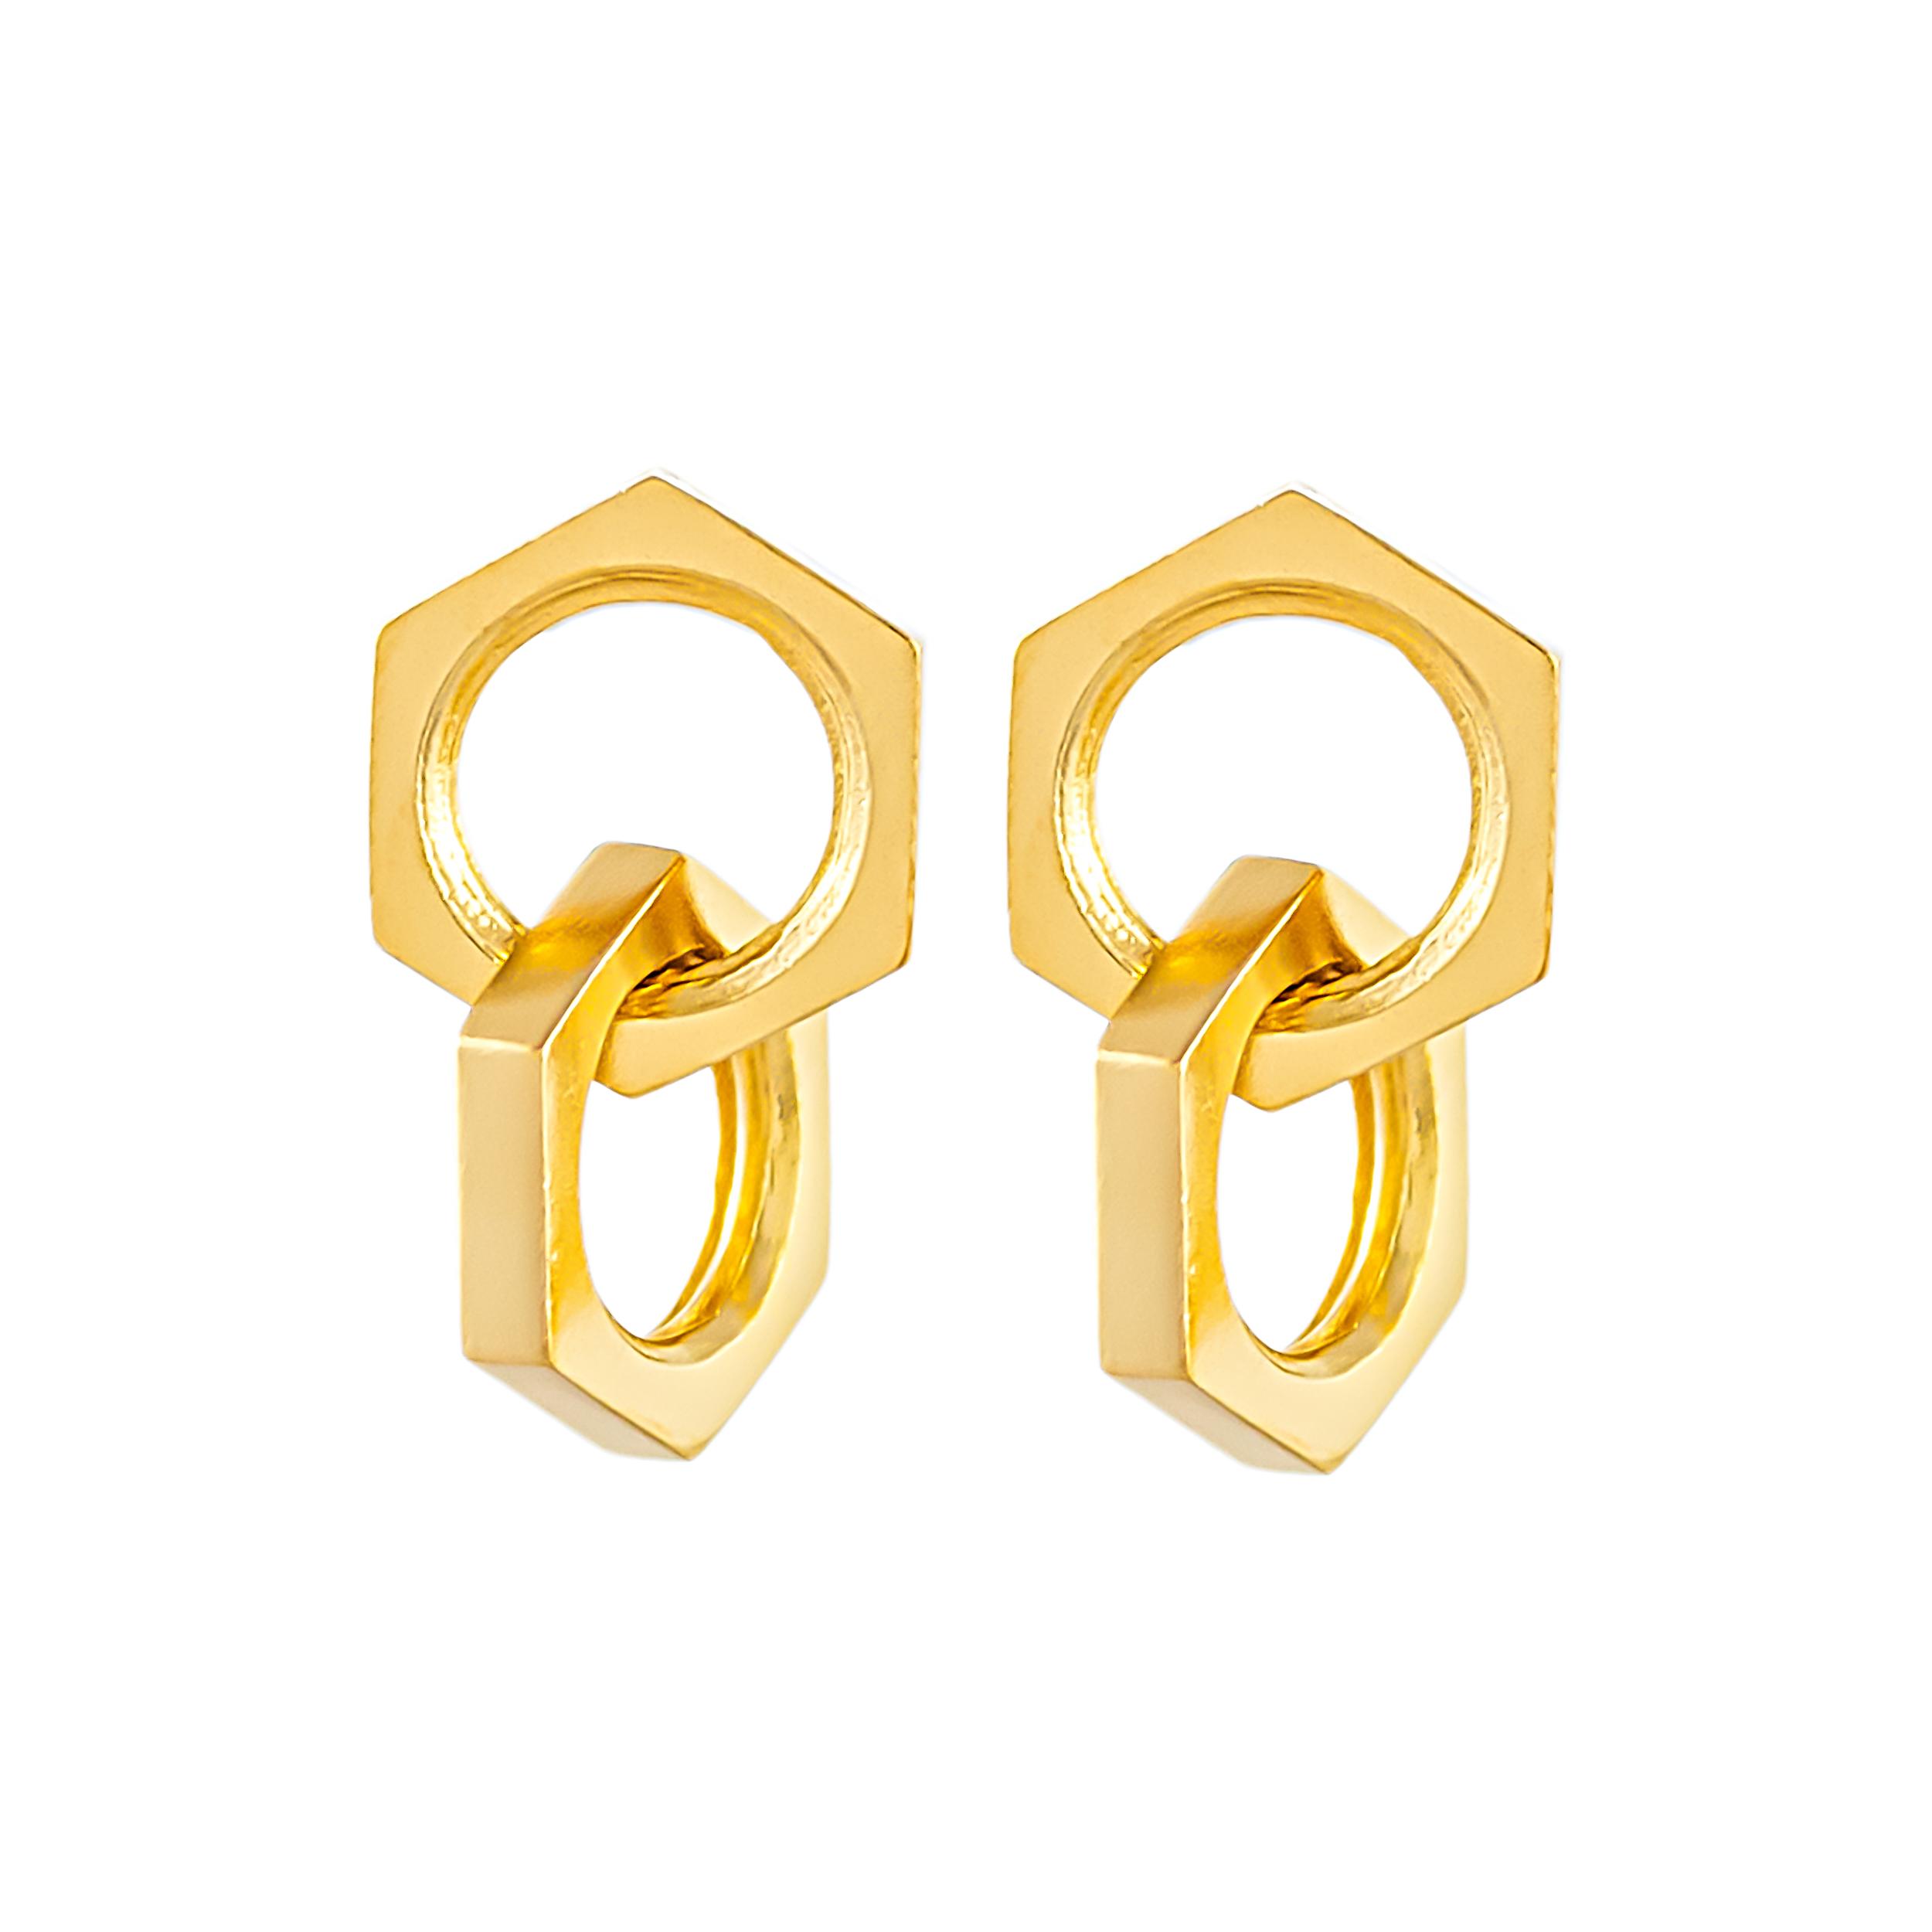 (small) Forever Interlinked Earrings